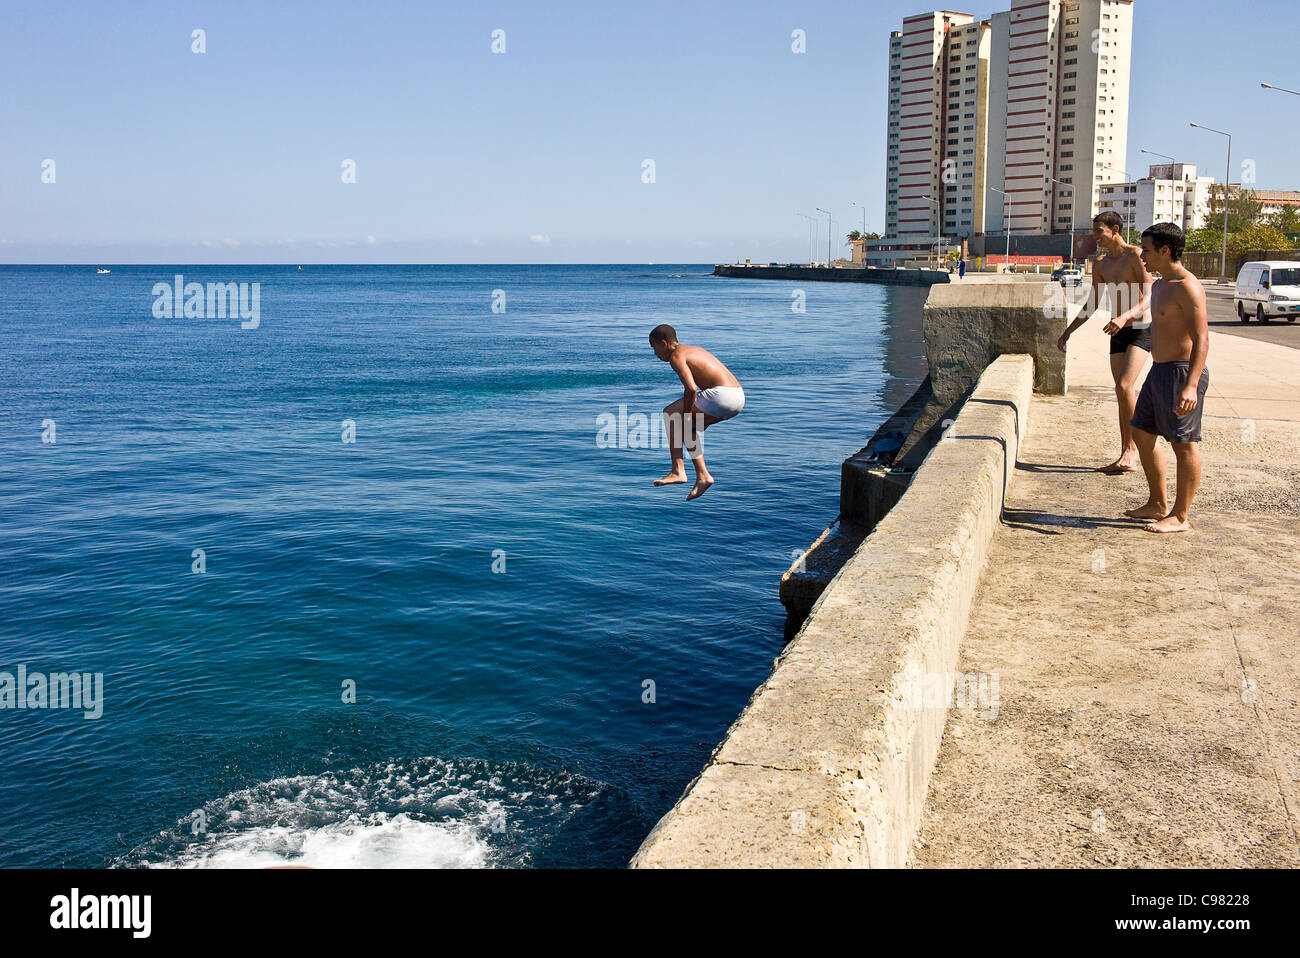 Los adolescentes nadando a lo largo del 'Malecon' en La Habana, Cuba. Imagen De Stock